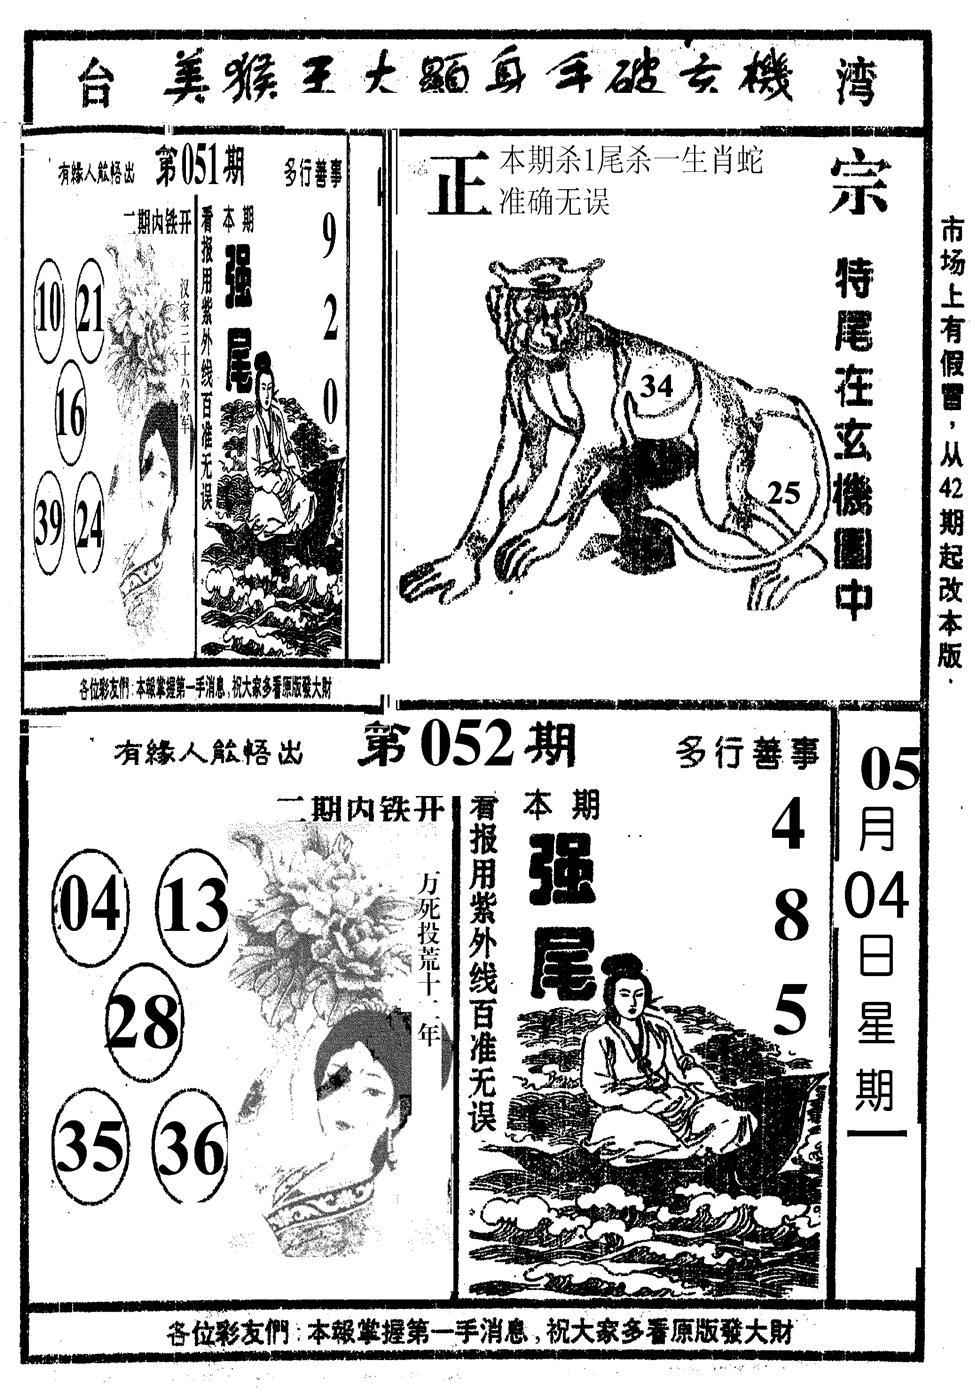 052期美猴王(黑白)